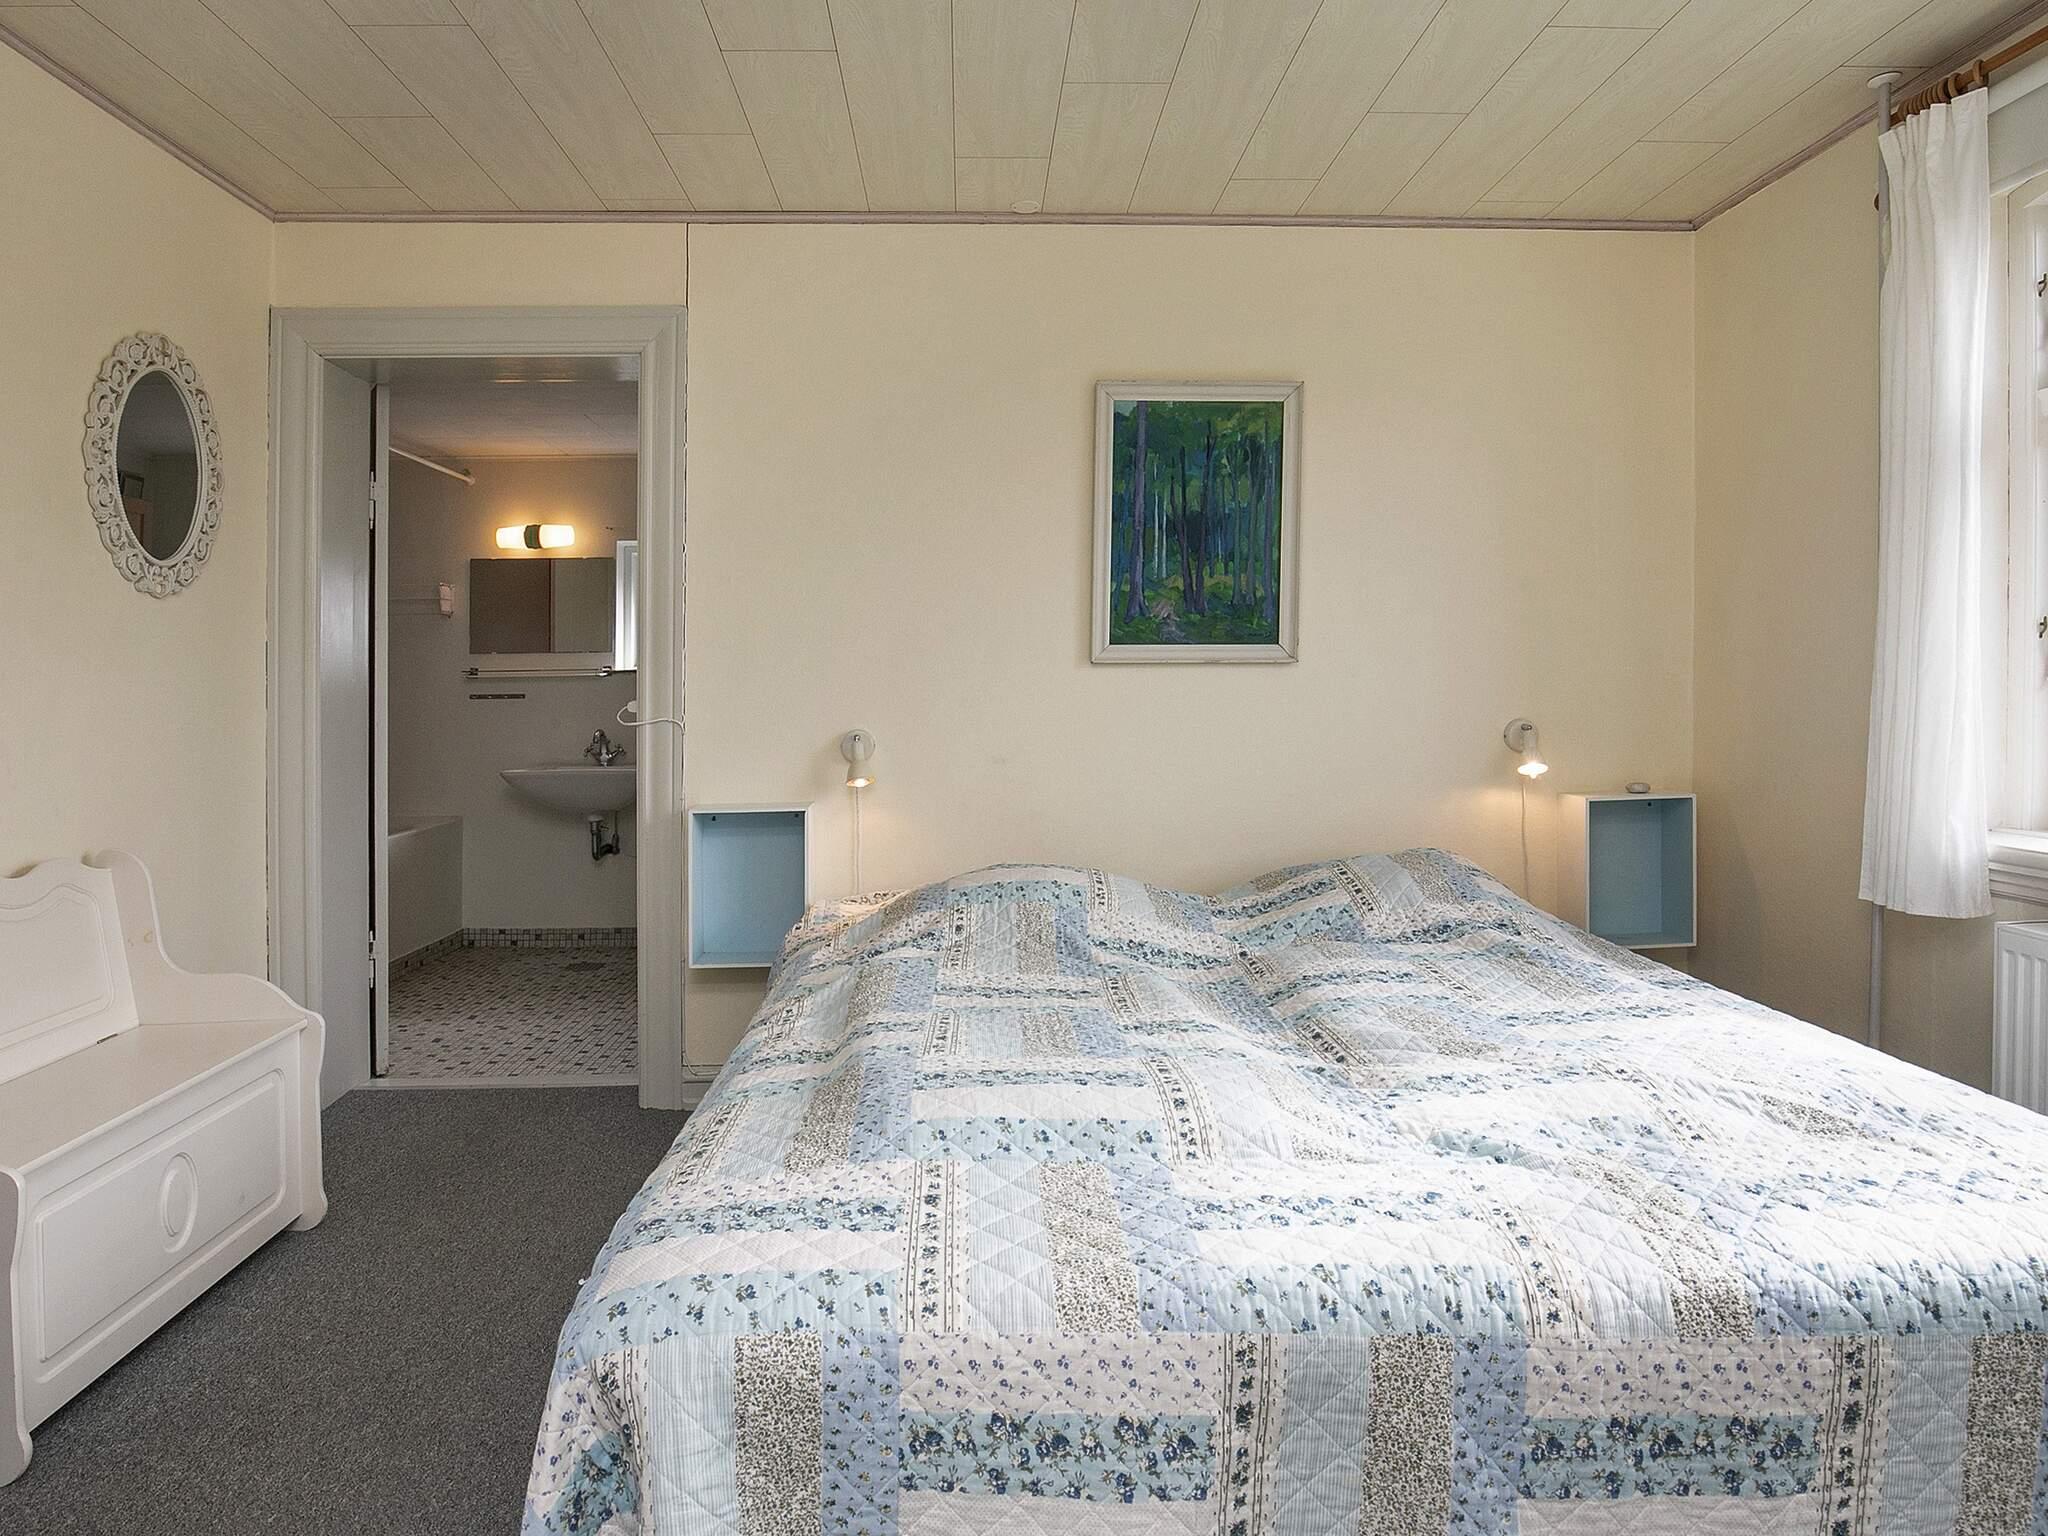 Ferienhaus Ærø/Ærøskøbing (237302), Ærøskøbing, , Ærø, Dänemark, Bild 14